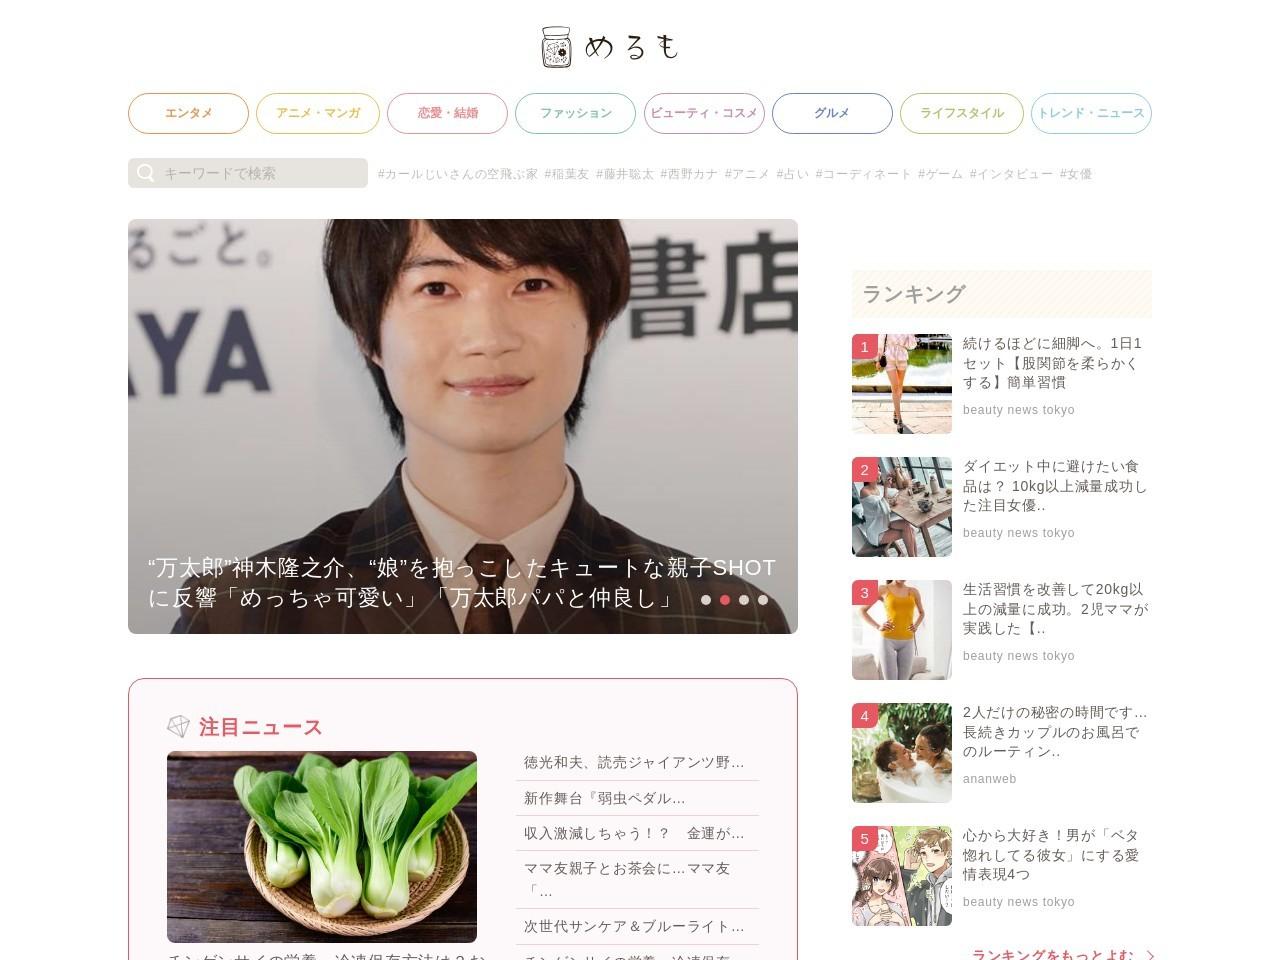 恋ステバンド「Lilac」新曲リリース&メジャーデビュー